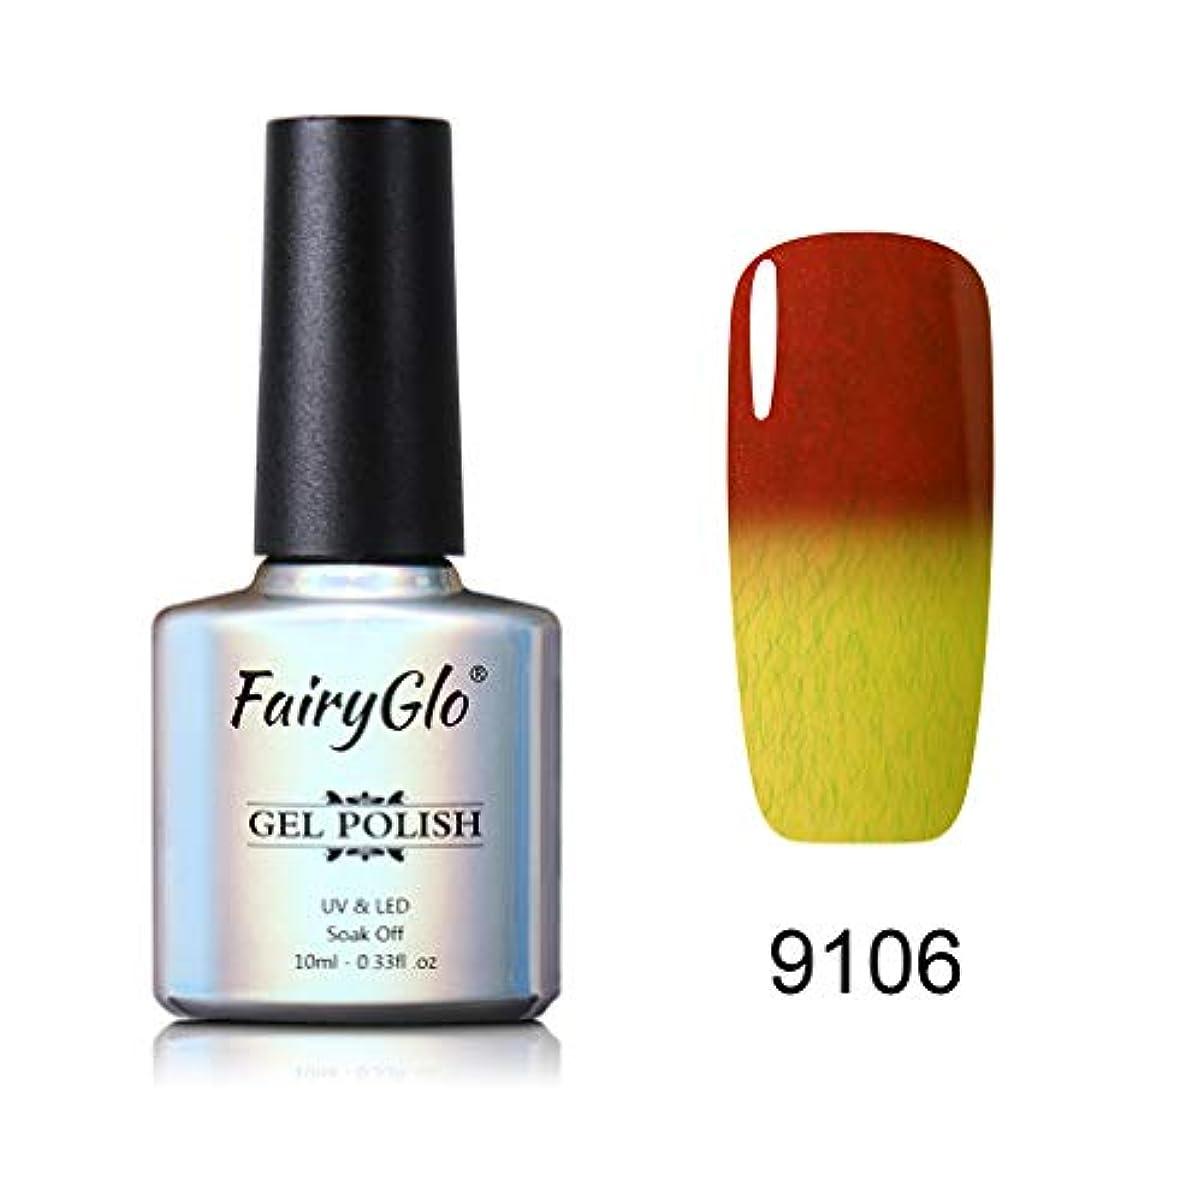 みすぼらしい絶縁する技術Fairyglo ジェルネイル カラージェル 毛皮系 カメレオンカラージェル 温度により色が変化 1色入り 10ml 【全12色選択可】